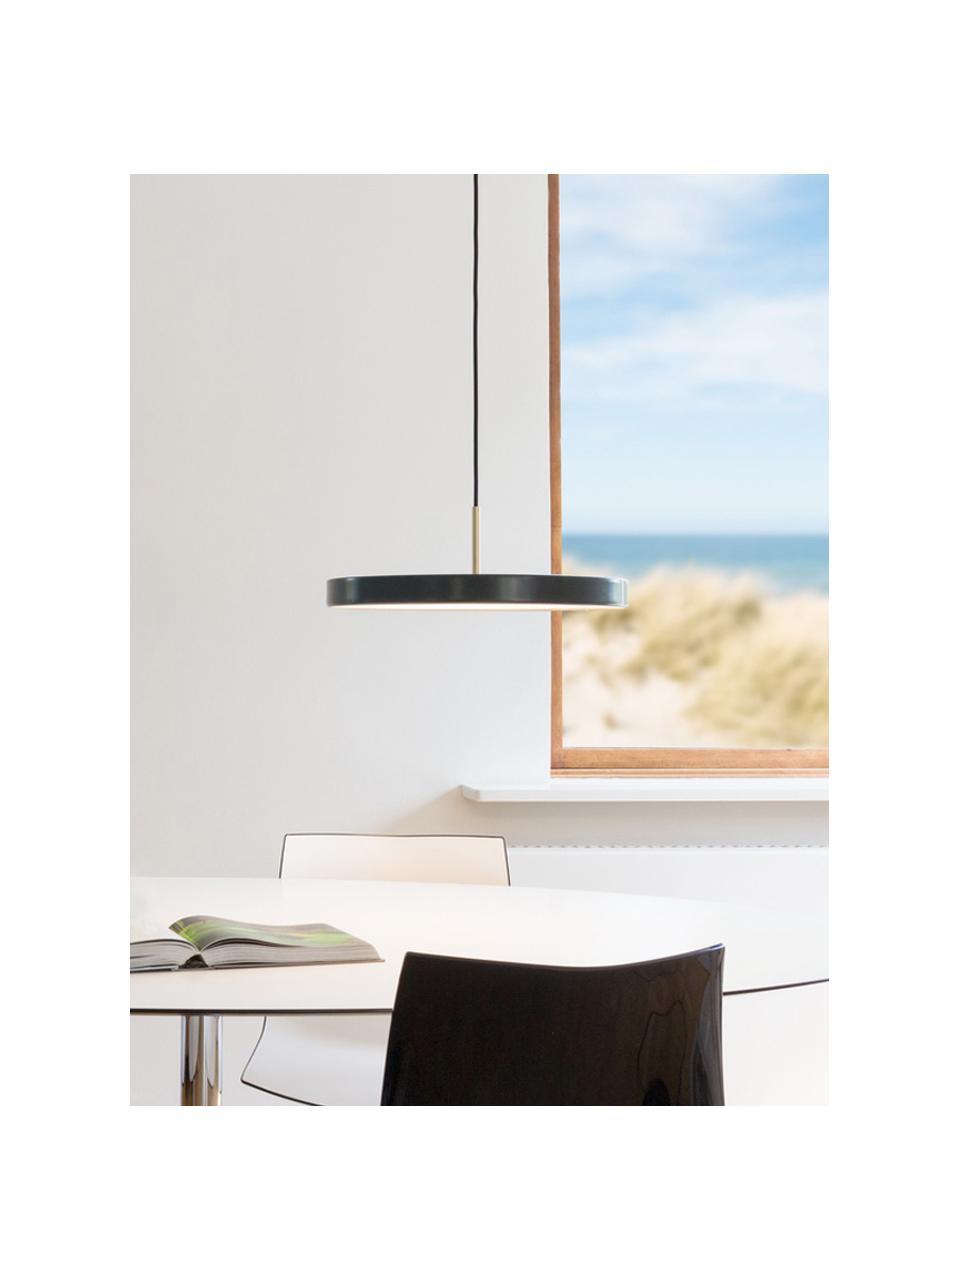 Lampada a sospensione a LED di design Asteria, Paralume: alluminio verniciato, Decorazione: acciaio verniciato, Antracite, Ø 31 x Alt. 14 cm